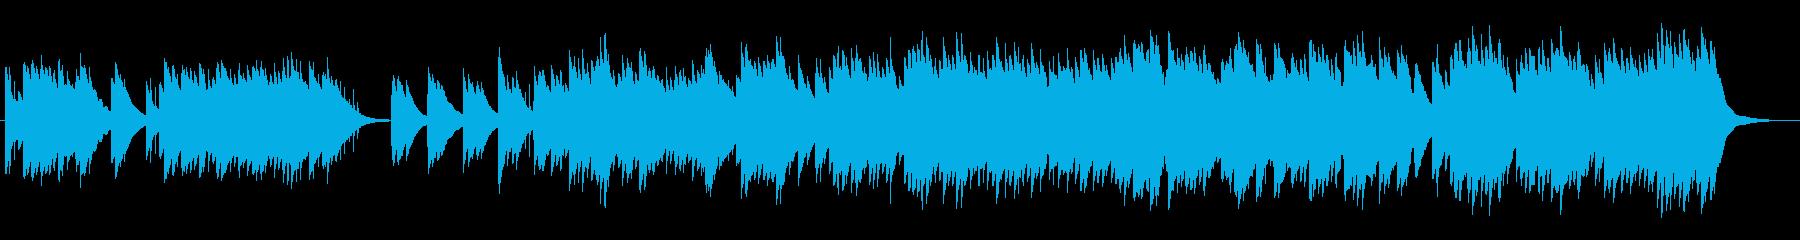 混沌としたオルゴールサウンドの再生済みの波形